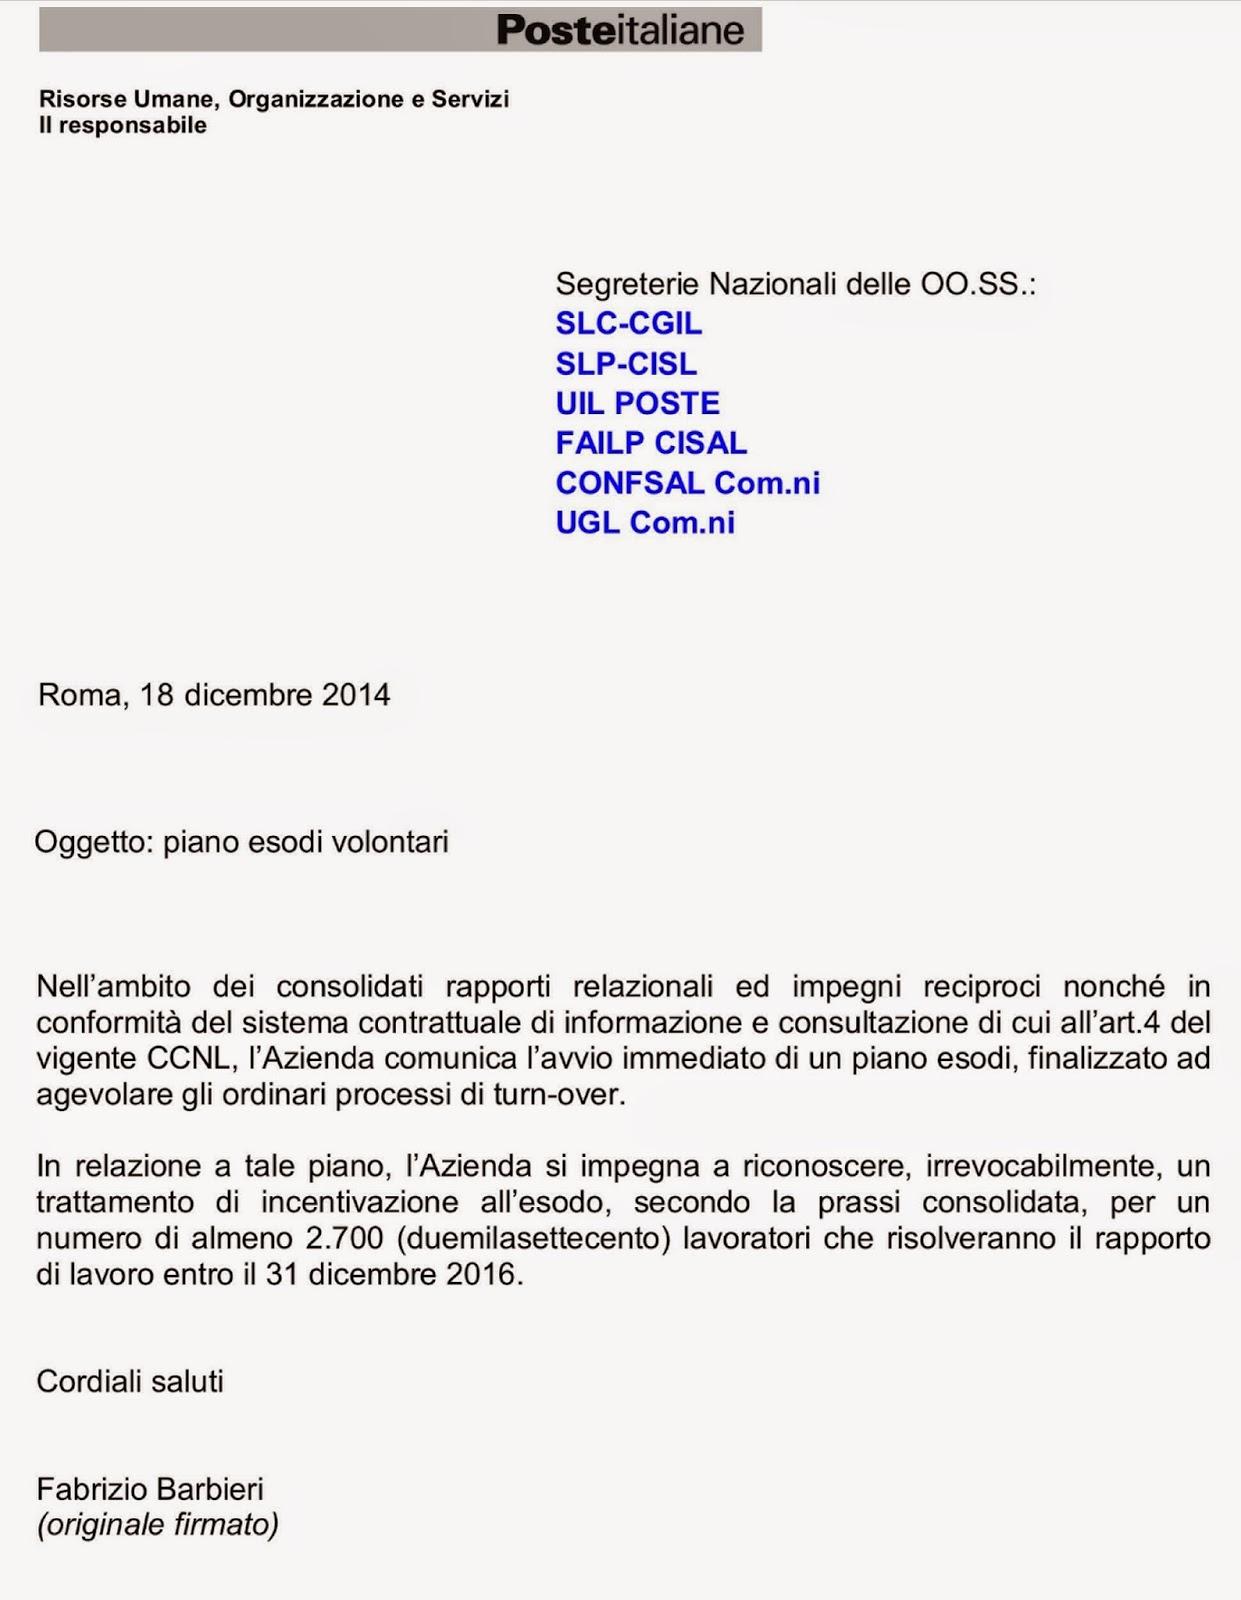 Incentivazione piano esodi volontari risoluzione rapporto di lavoro entro 31 12 16